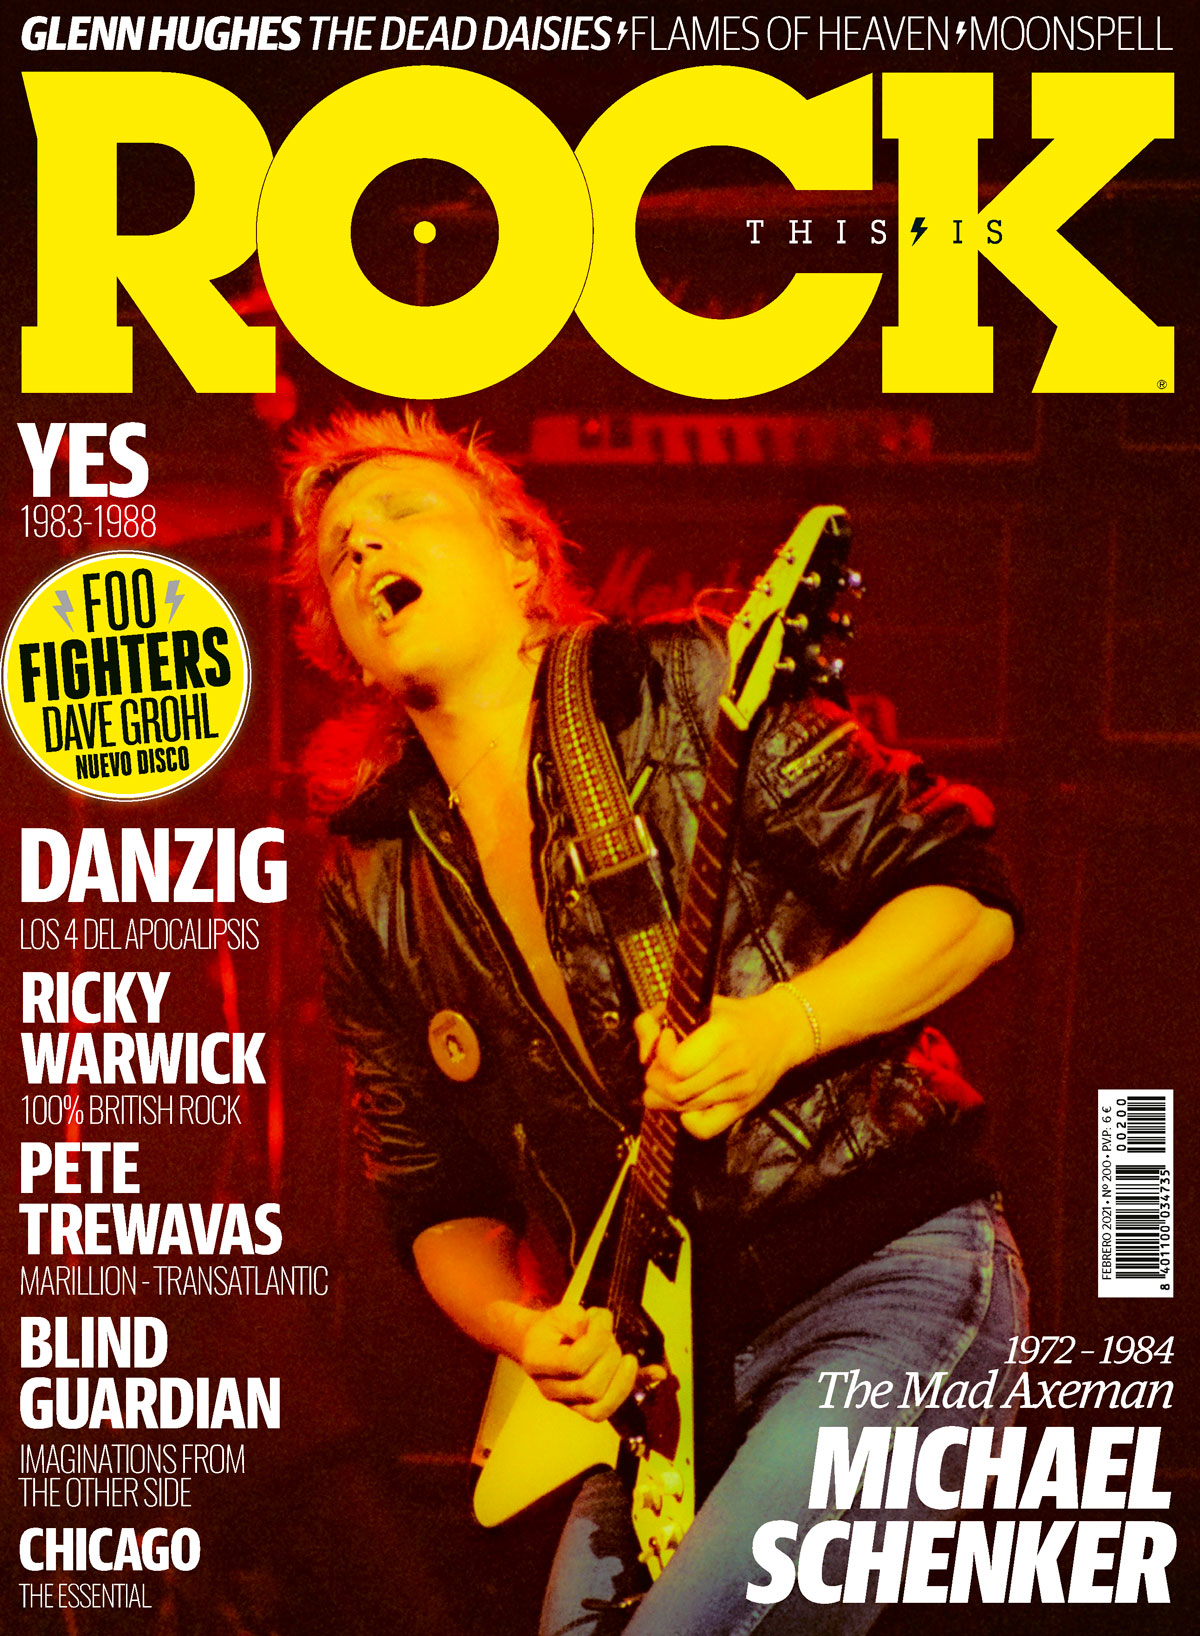 Michael Schenker Group - Página 18 TIR200-La-revista-con-la-m%C3%BAsica-que-es-importante-en-tu-vida-Classic-Rock-Hard-Rock-Heavy-Metal-Prog-Rock-Blues